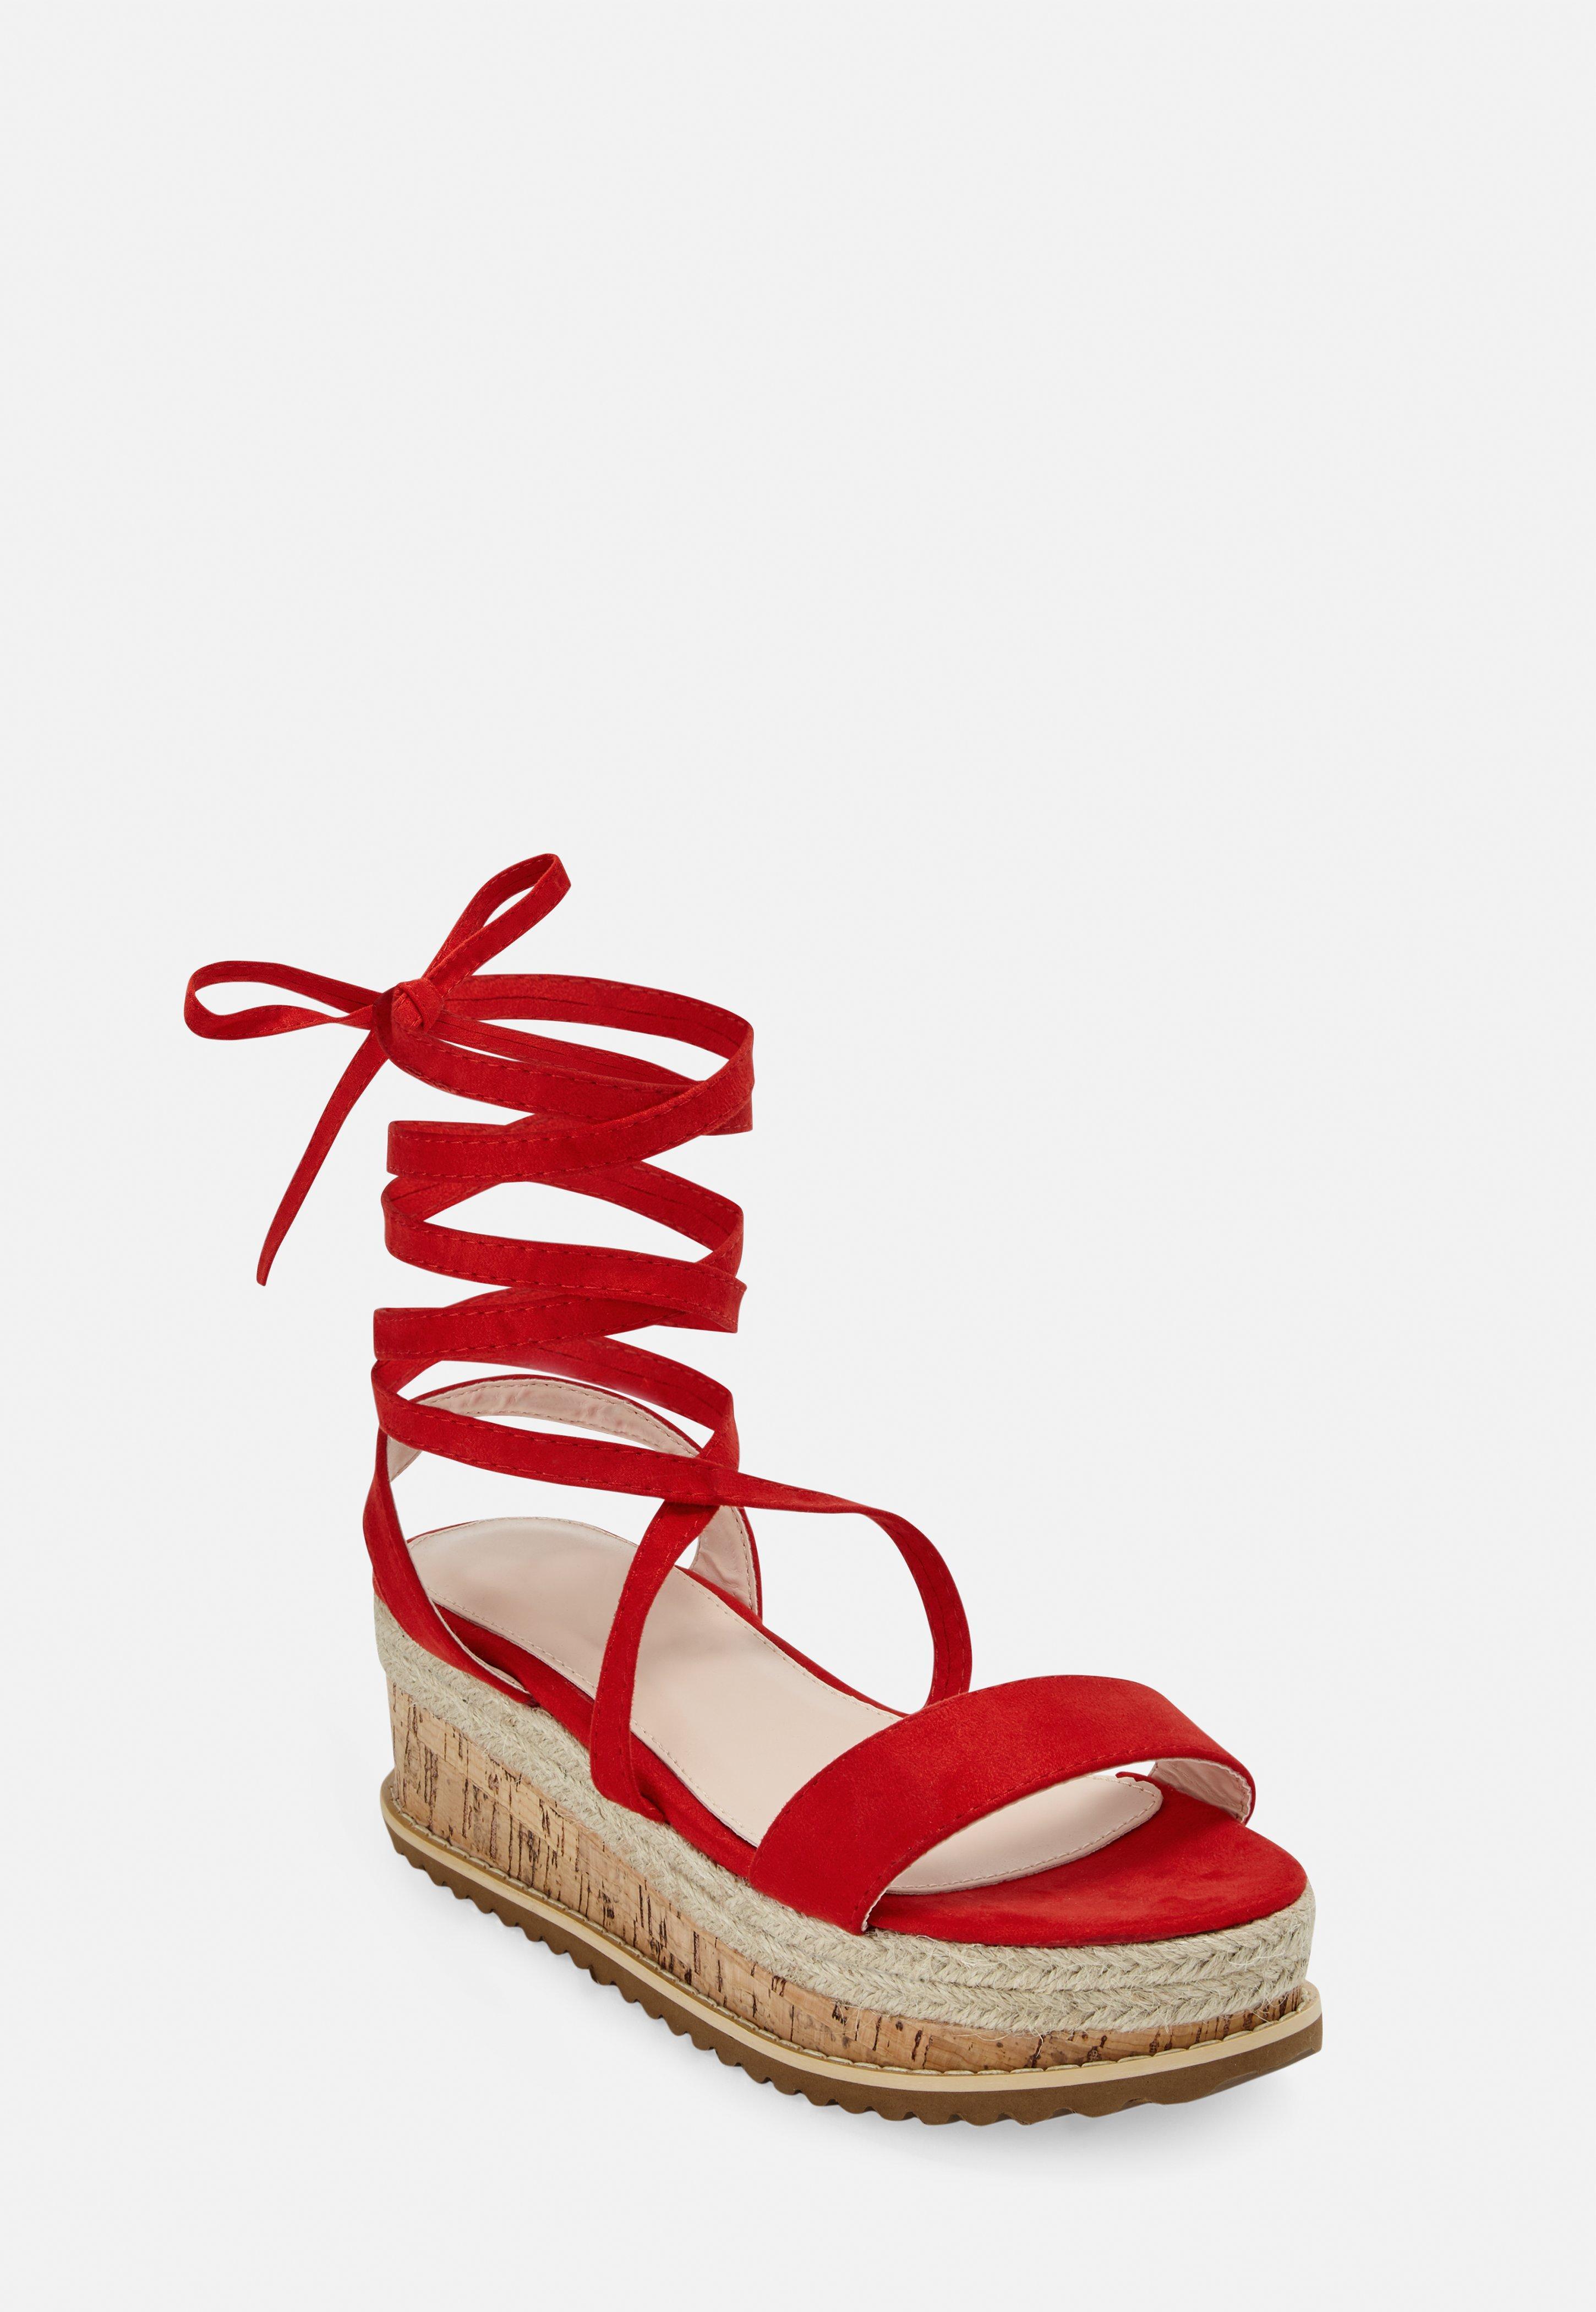 dd19702cf143 Shoes | Women's Footwear Online UK - Missguided